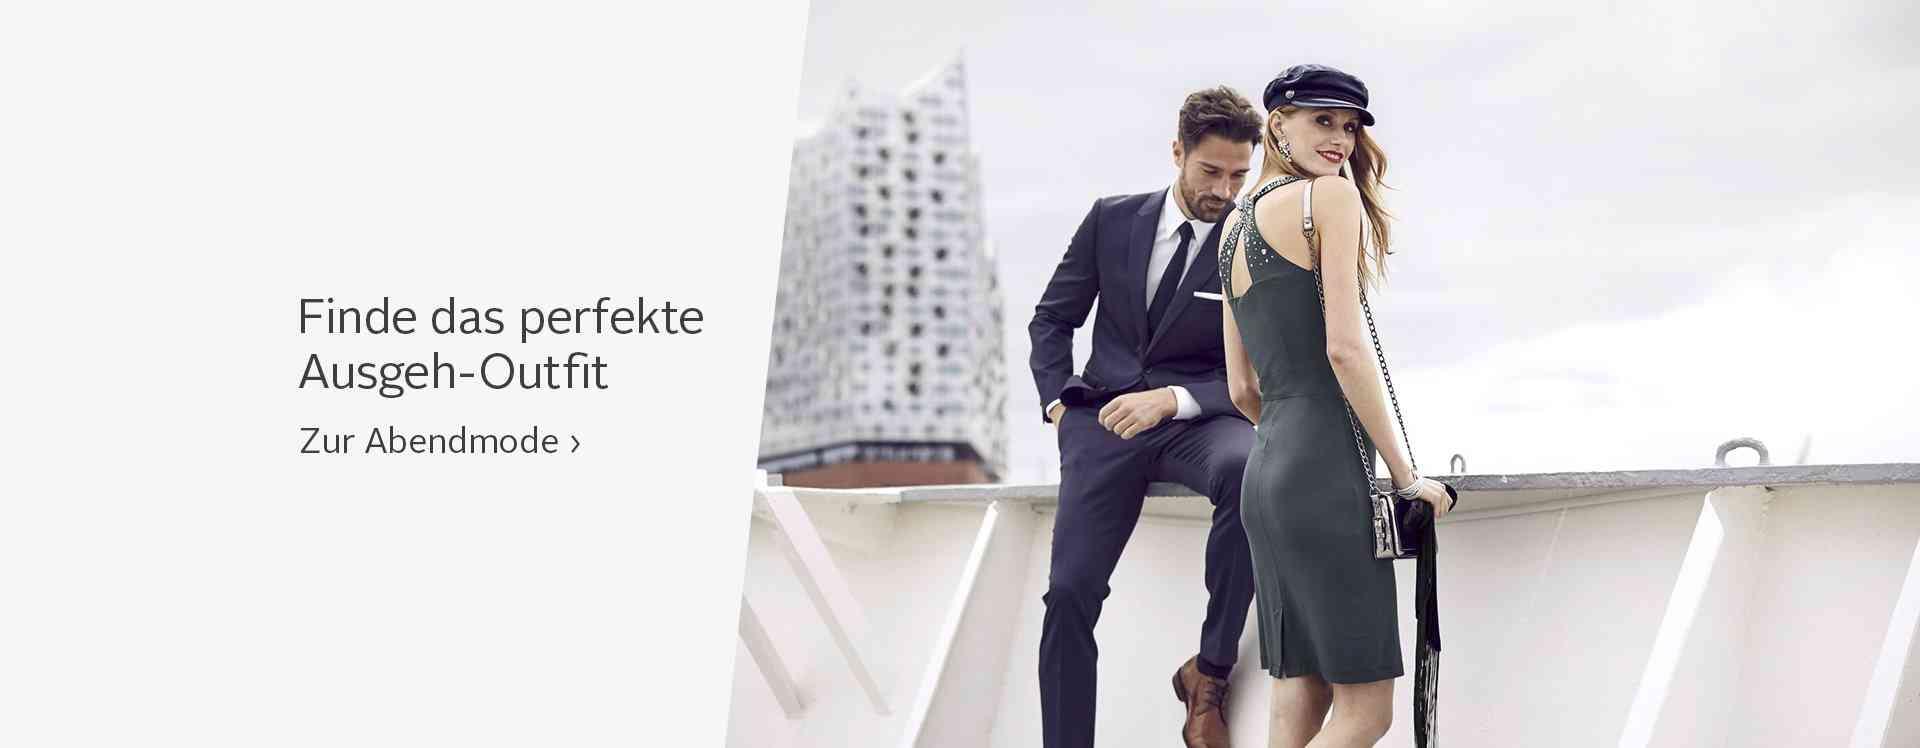 Glamouröser Auftritt: Entdecken Sie сейчас Damen-Abendmode, Accessoires und Schuhe für besondere Anlässe...